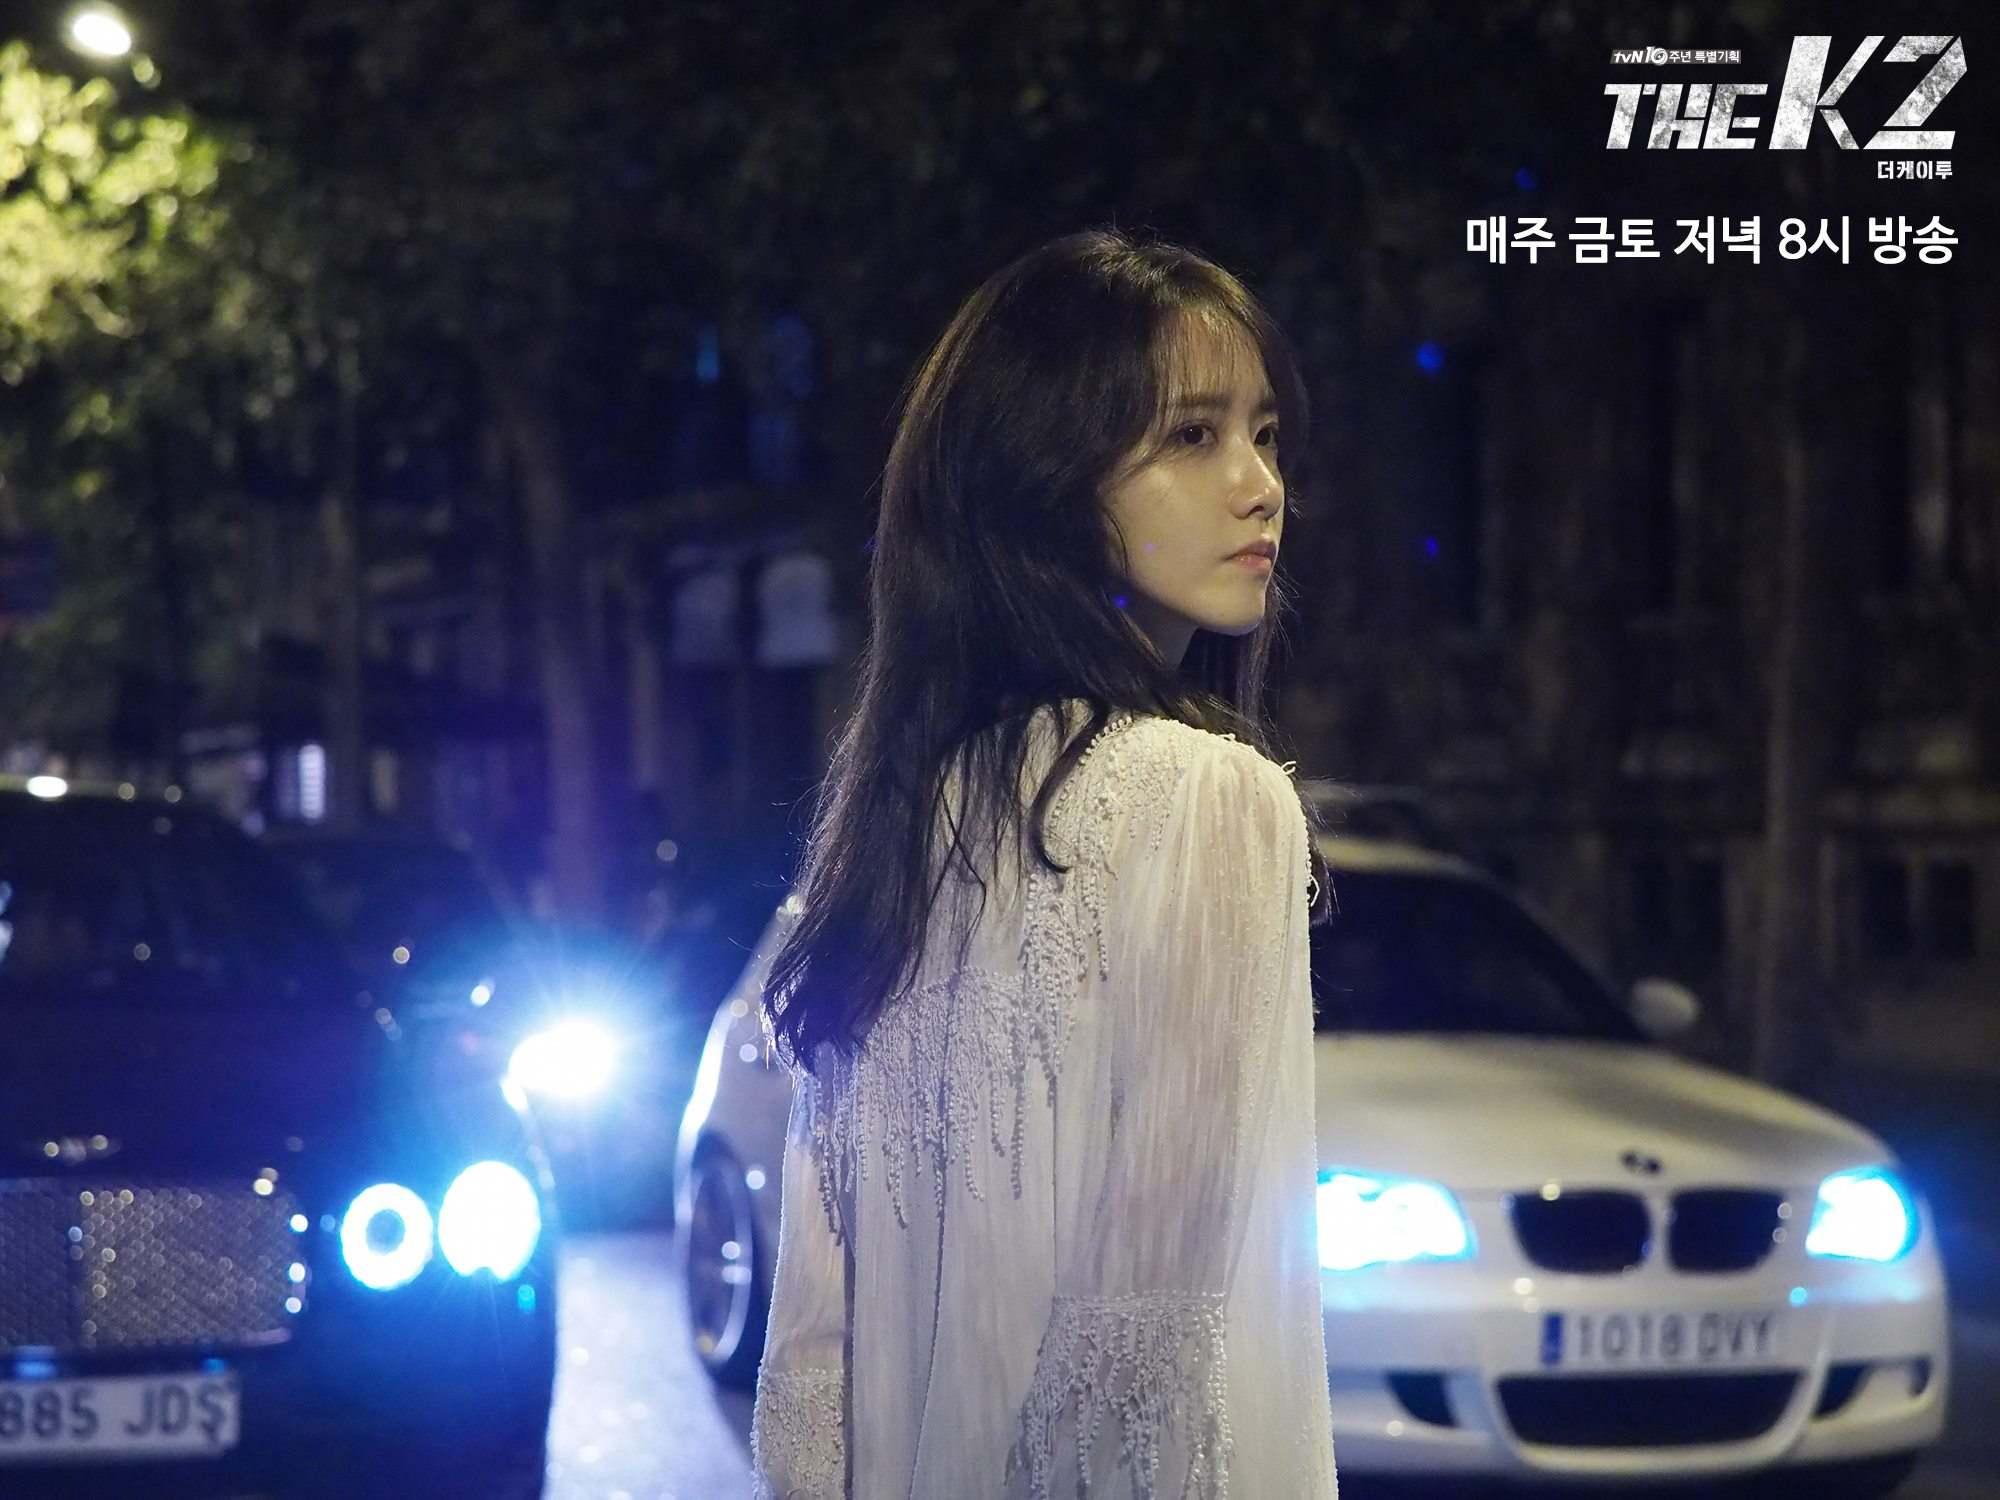 最近出演tvN戲劇《THE K2》的潤娥,在劇中飾演總統候選人私生女-安娜,長期以來受到有如被囚禁般的待遇…潤娥纖細的身材,讓劇中的這個角色看起來更有虛弱的感覺。